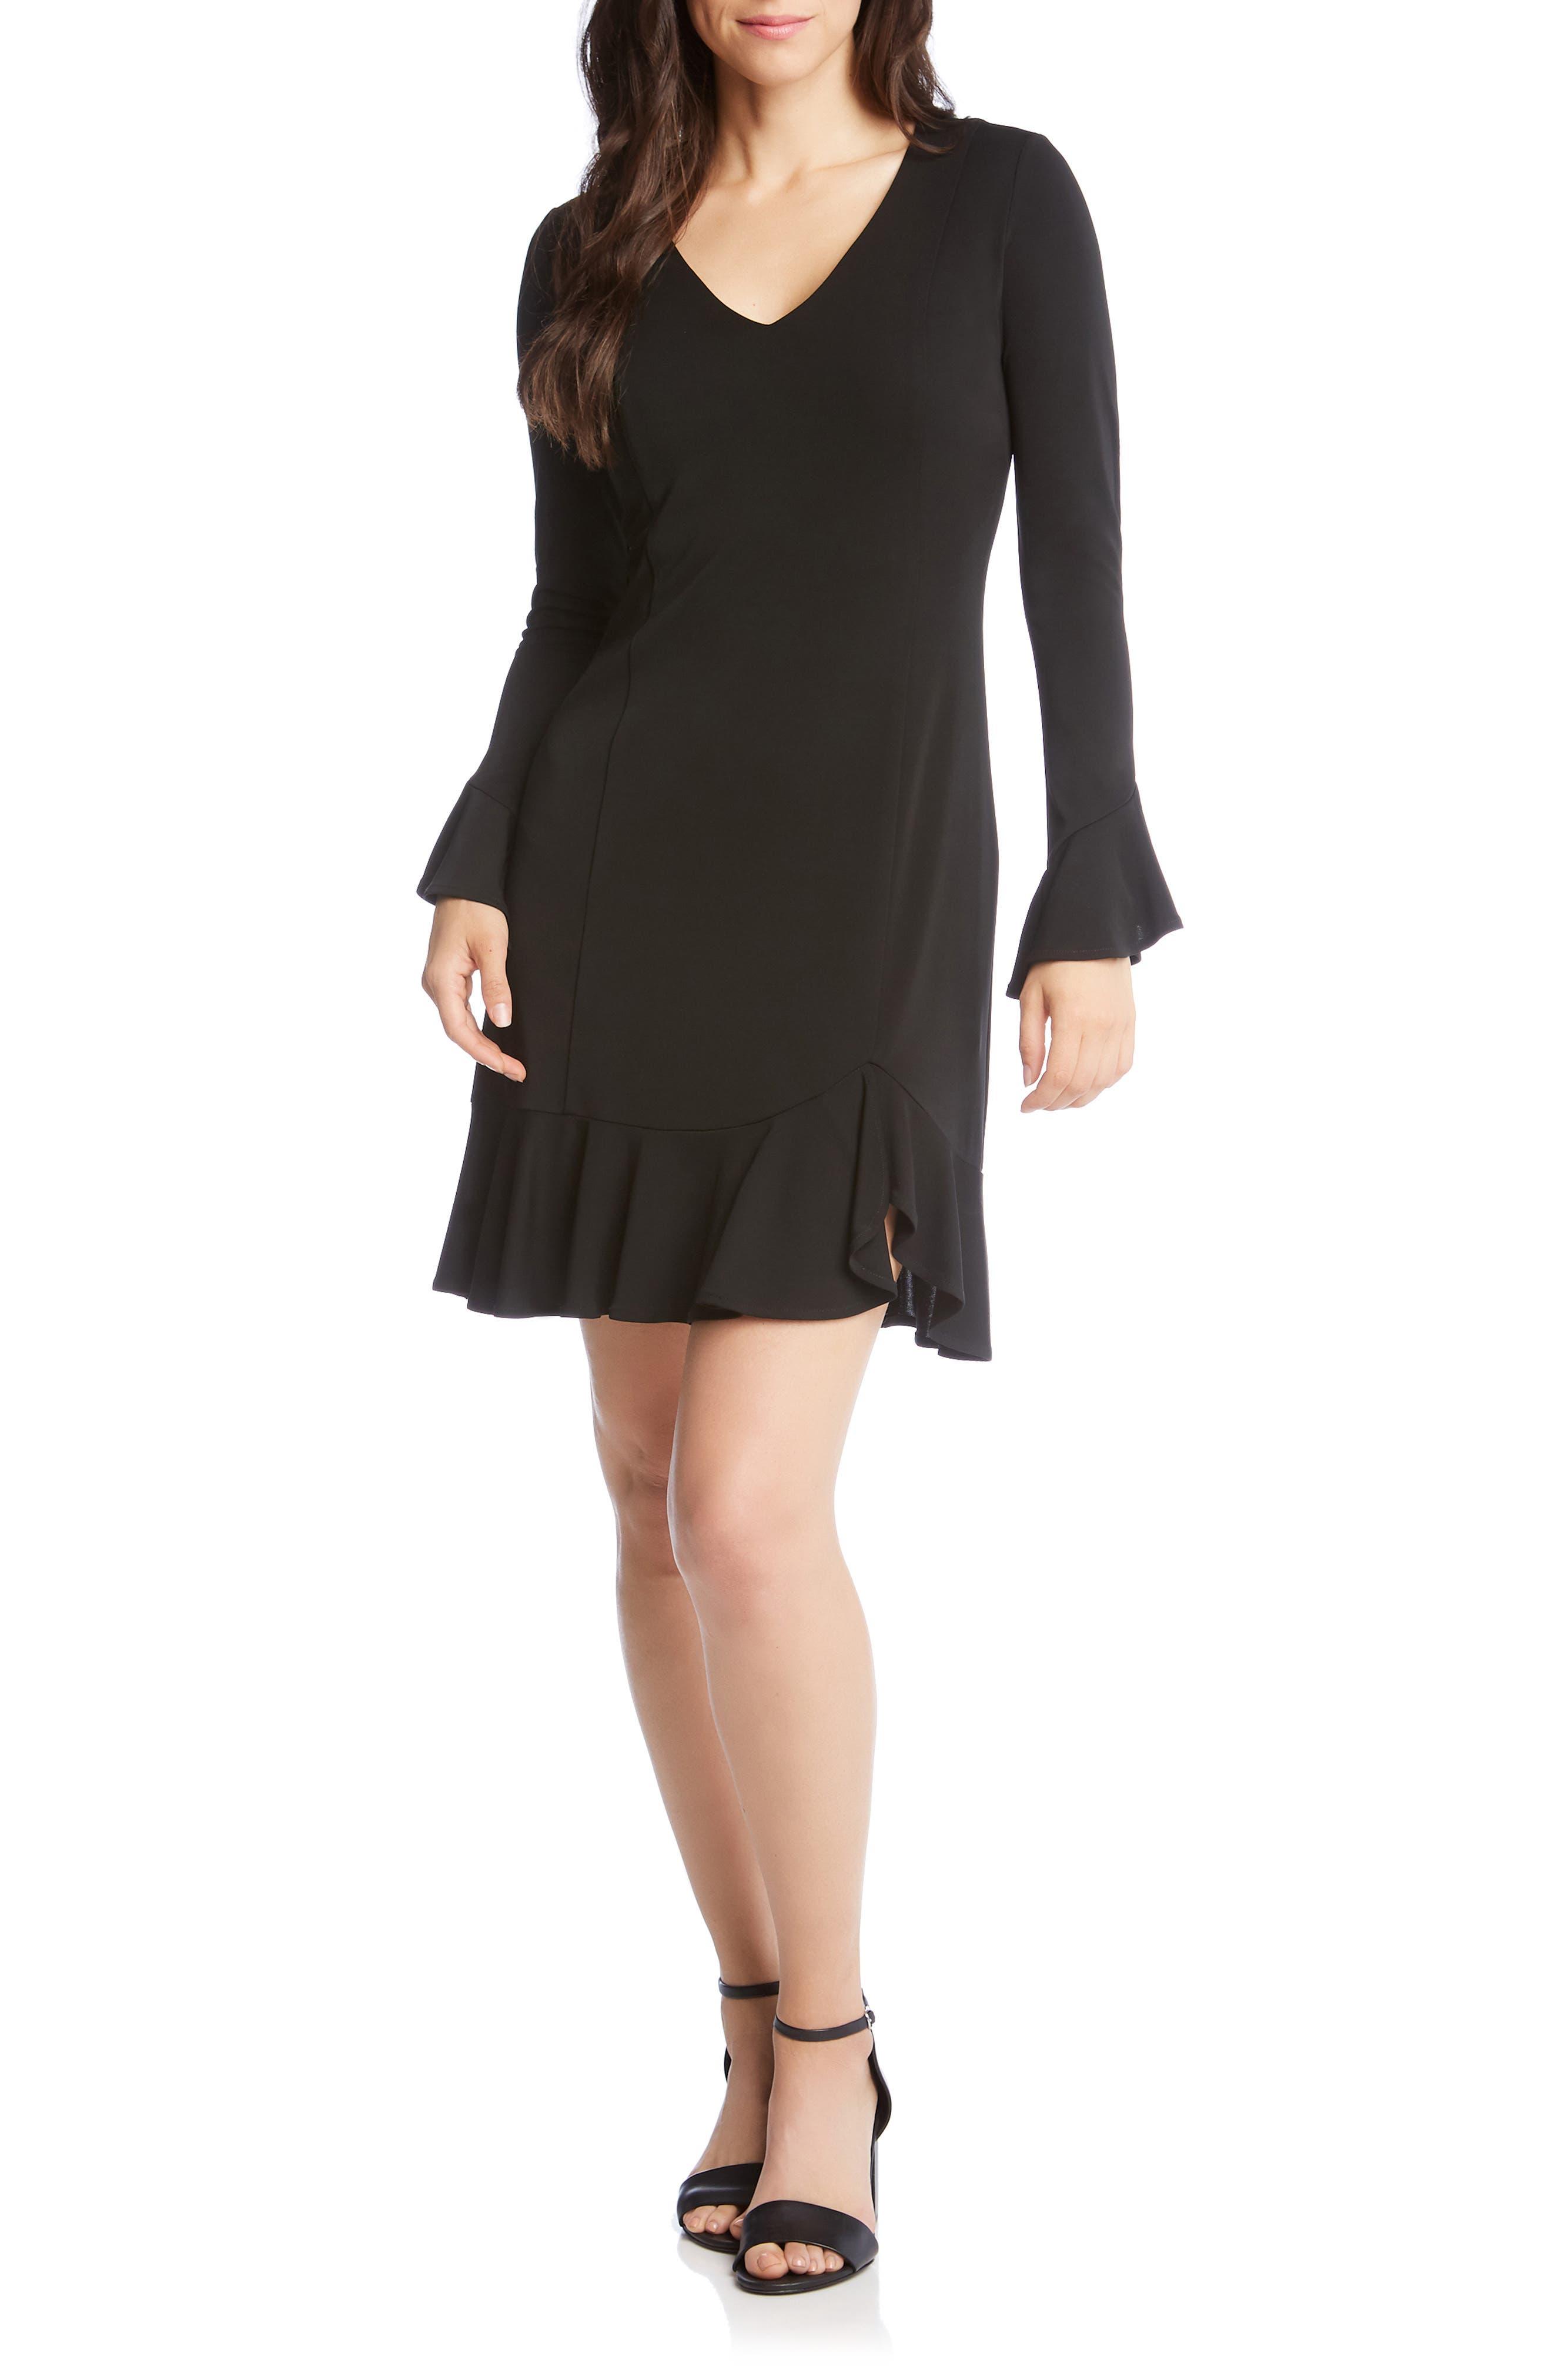 Karen Kane Sienna Ruffle Trim Dress, Black